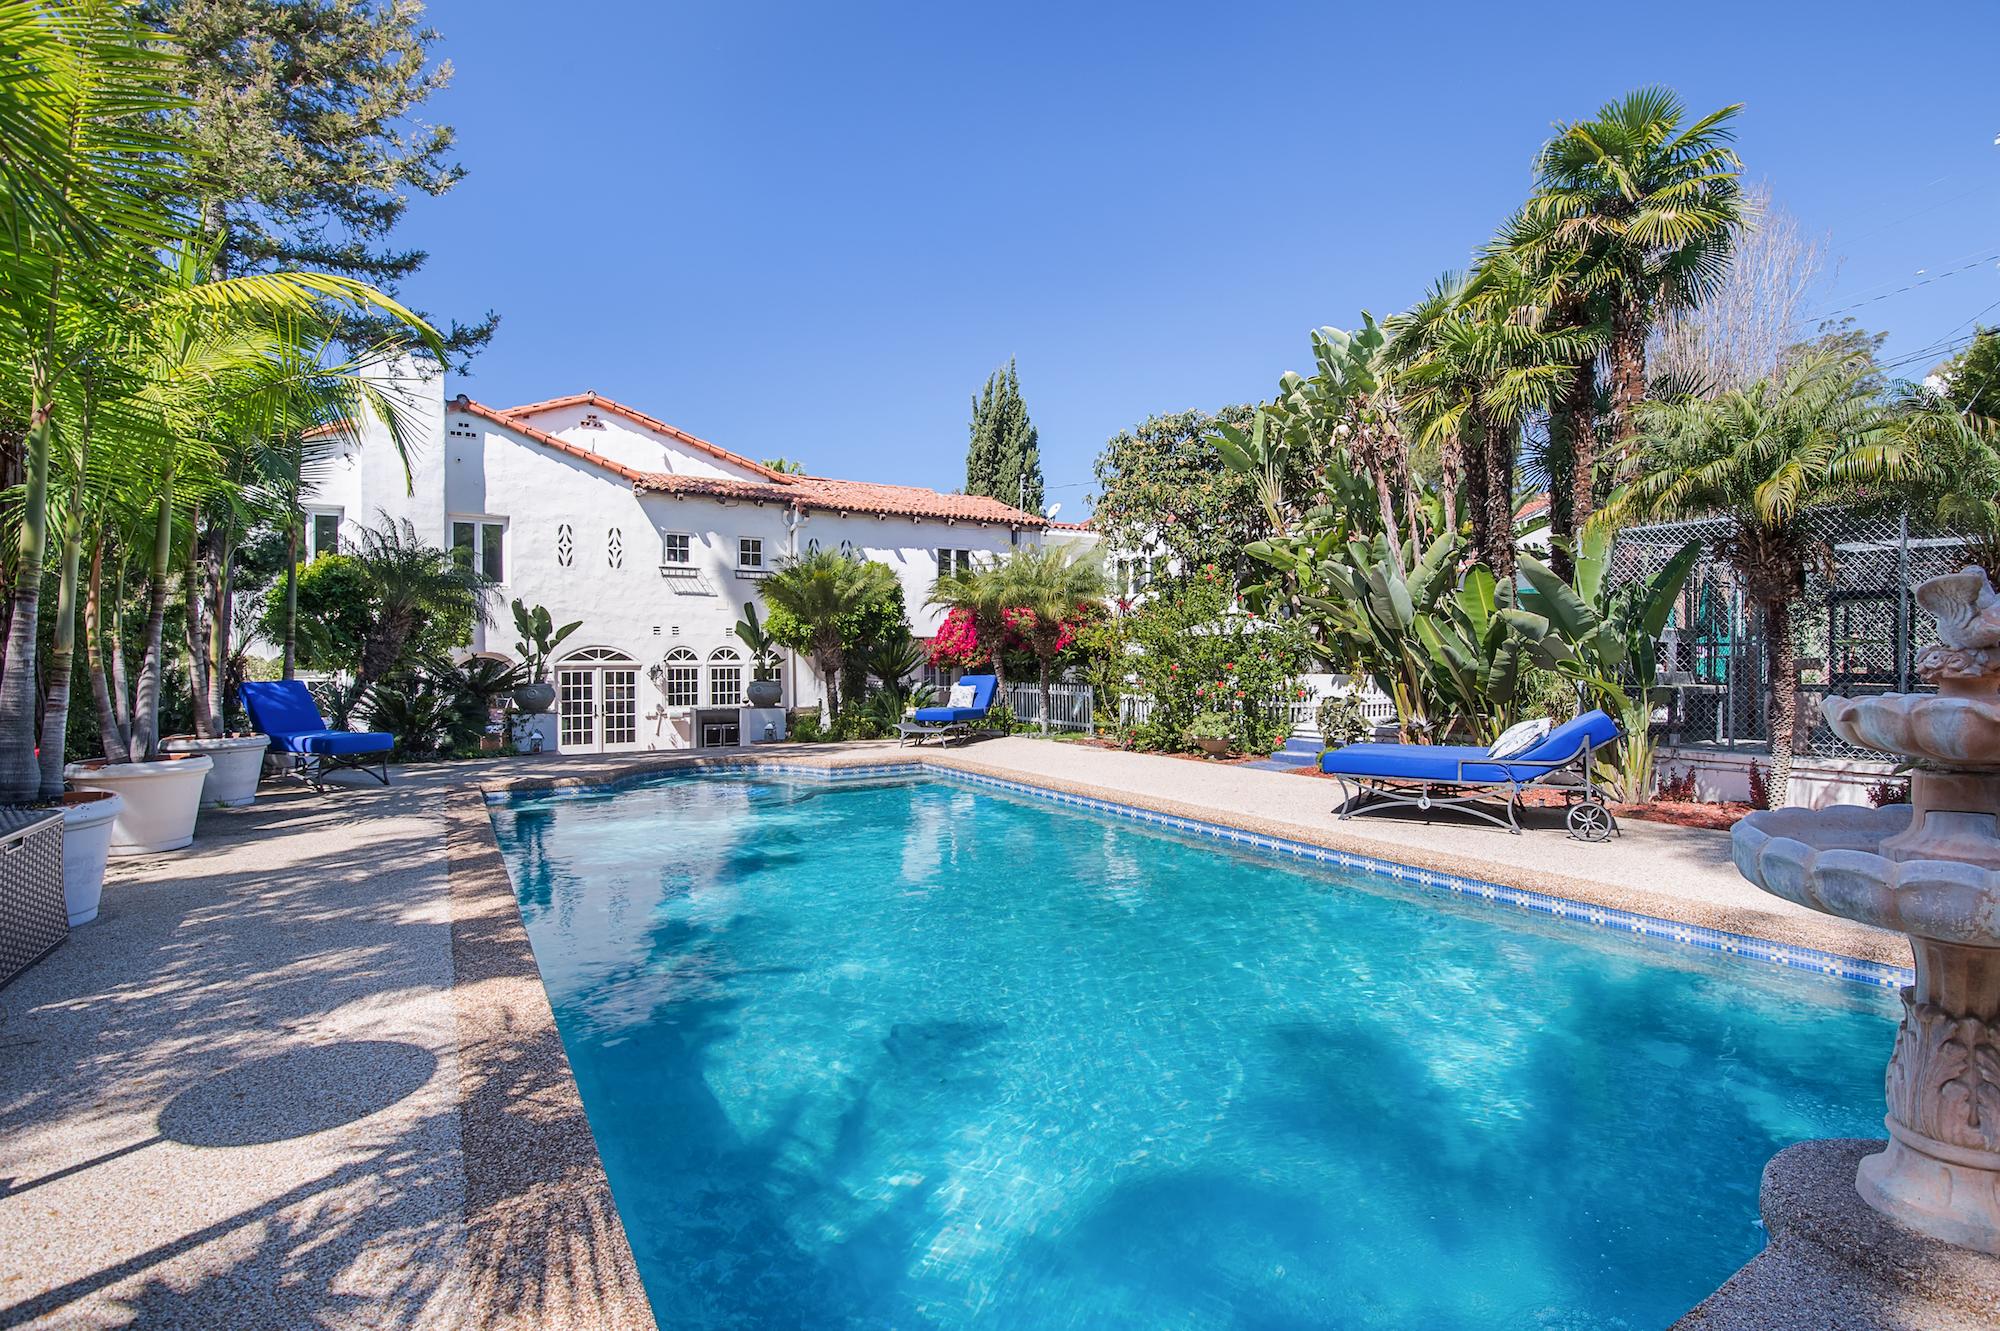 005 Pool 006 Pool 4915 Los Feliz For Sale Los Angeles Lease The Malibu Life Team Luxury Real Estate.jpg